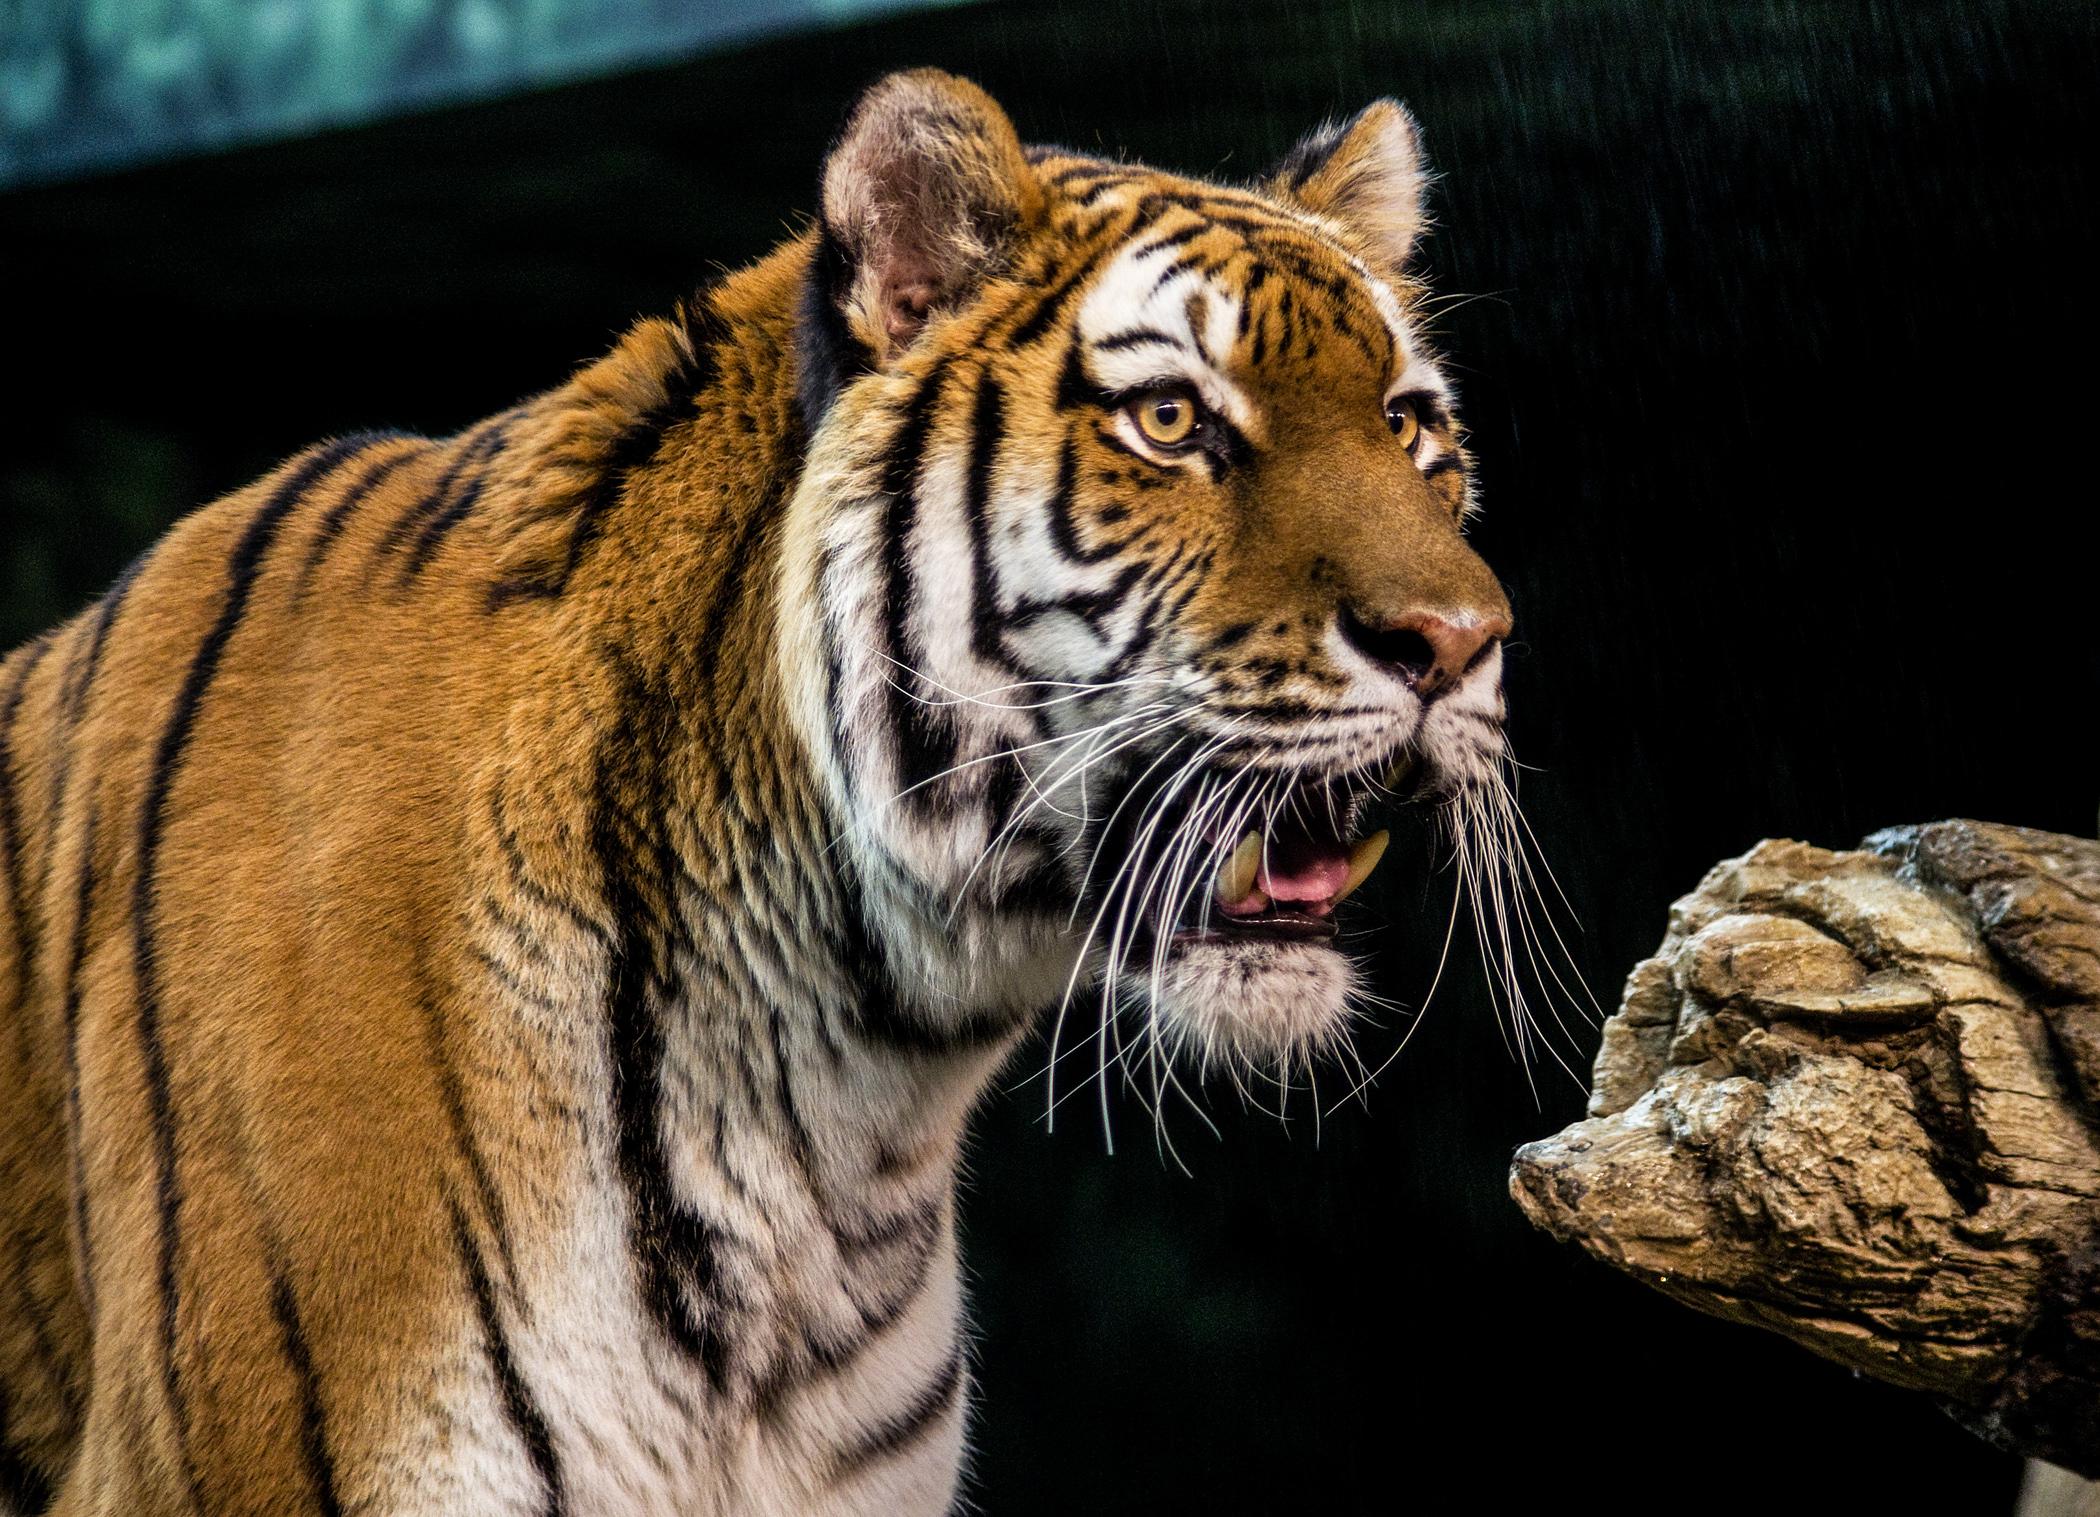 2013 Mke Zoo Tiger at 2100.jpg